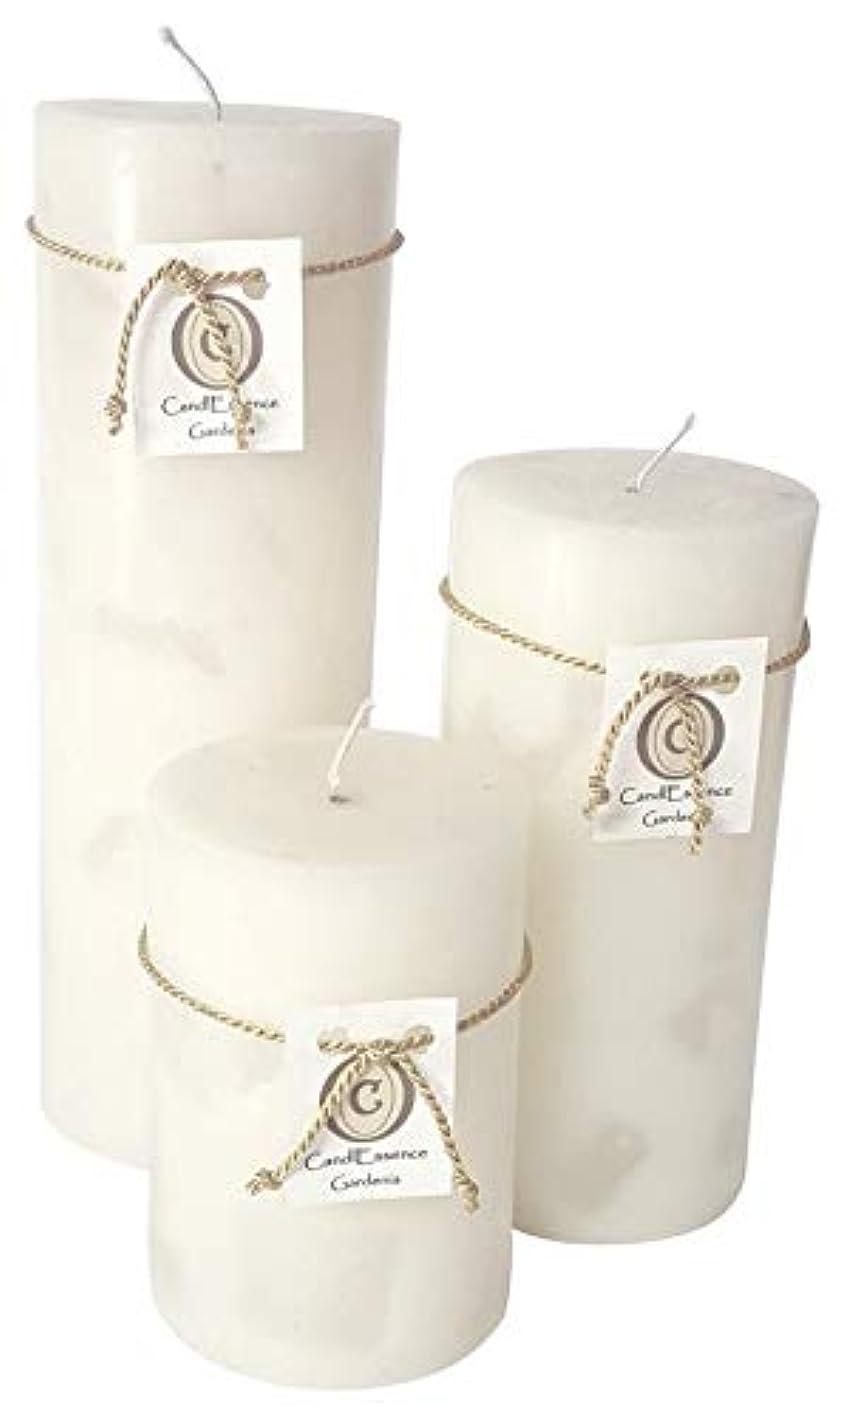 視力サイクロプス消毒するハンドメイドScented Candle – Long Burningピラー – Gardenia香り Set of 3 ホワイト GRDNIA